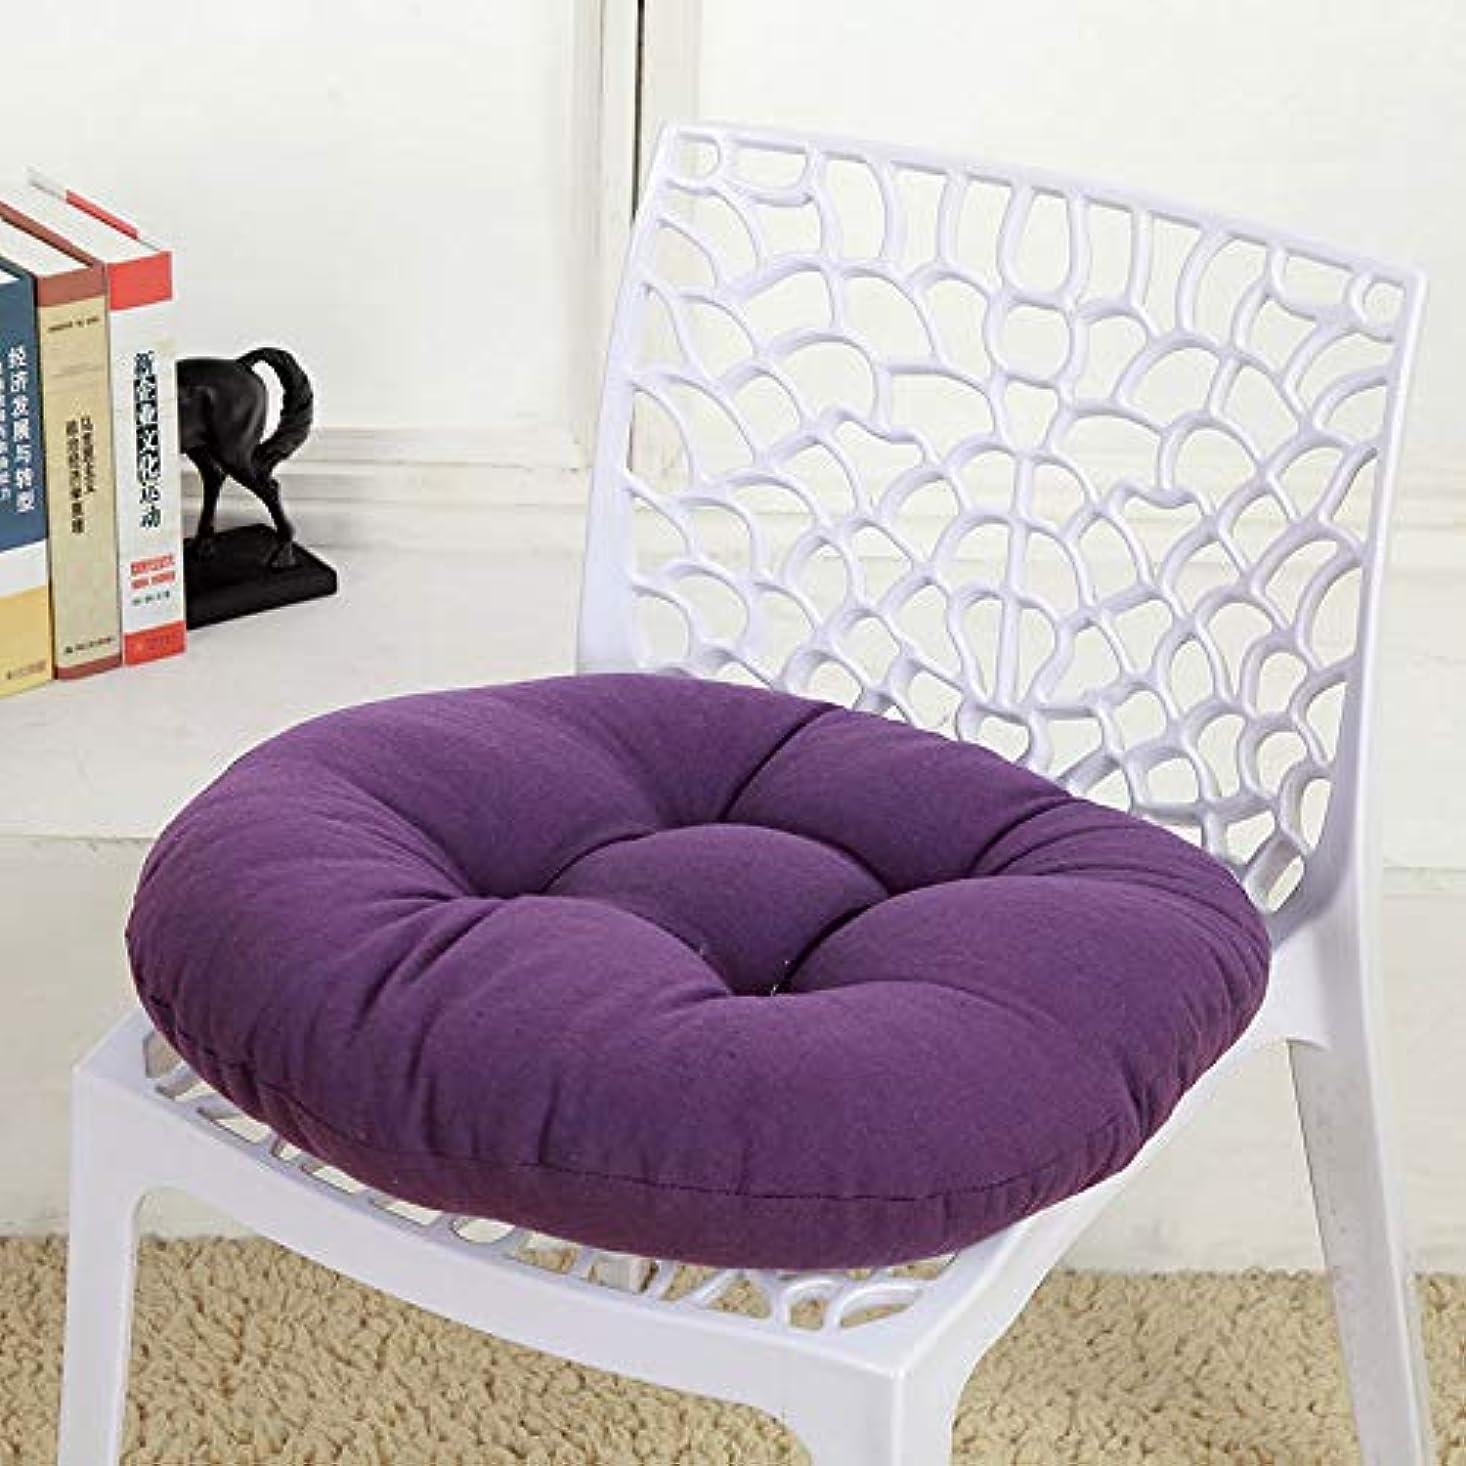 是正するしわイディオムLIFE キャンディカラーのクッションラウンドシートクッション波ウィンドウシートクッションクッション家の装飾パッドラウンド枕シート枕椅子座る枕 クッション 椅子